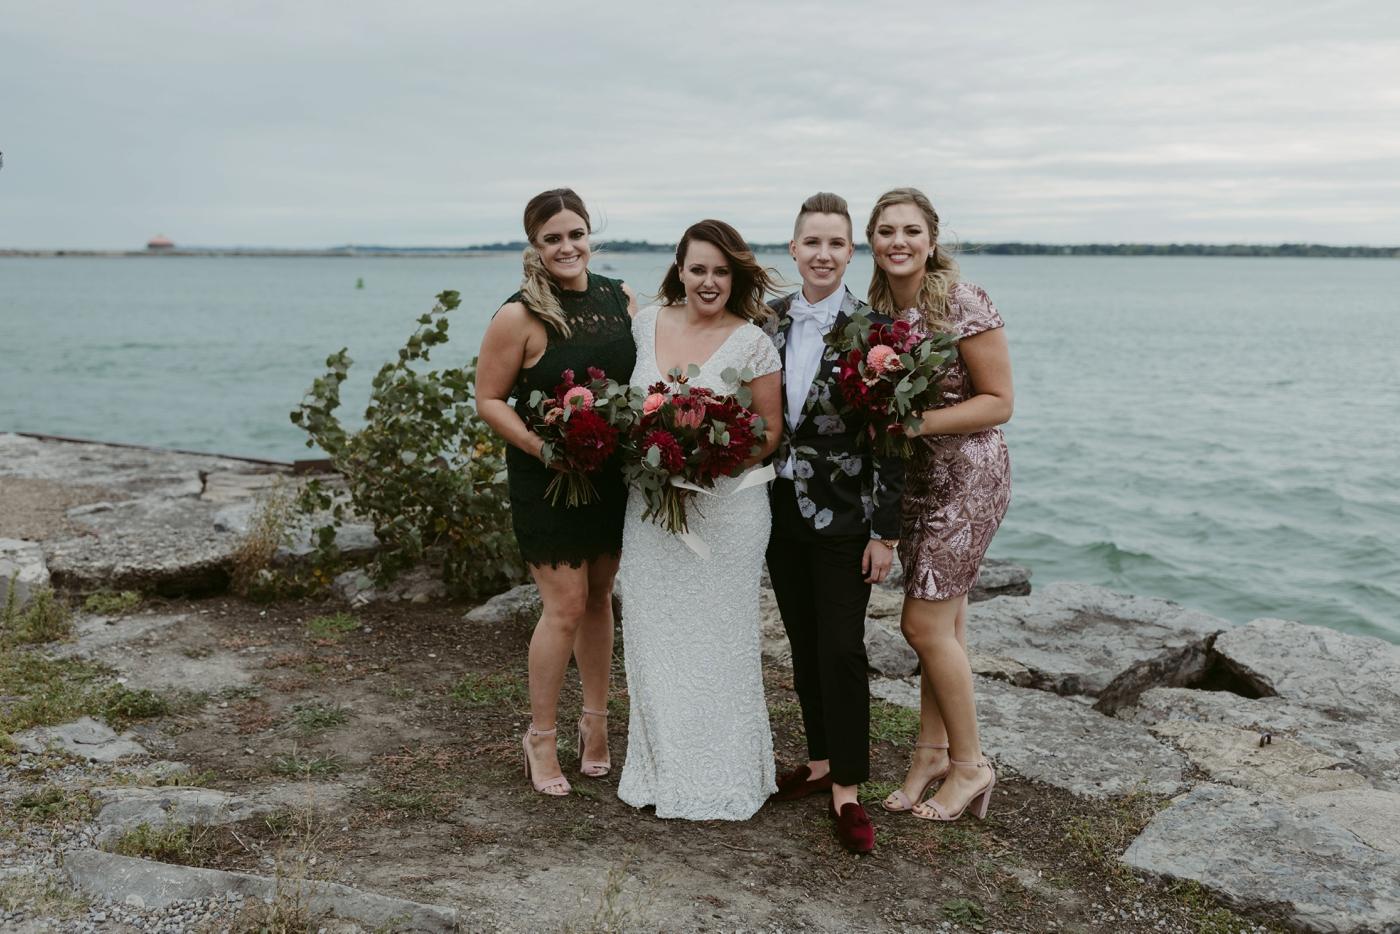 Buffalo-Wedding-Babeville-NY-Courtney+Liz_MJPHOTO-337.jpg